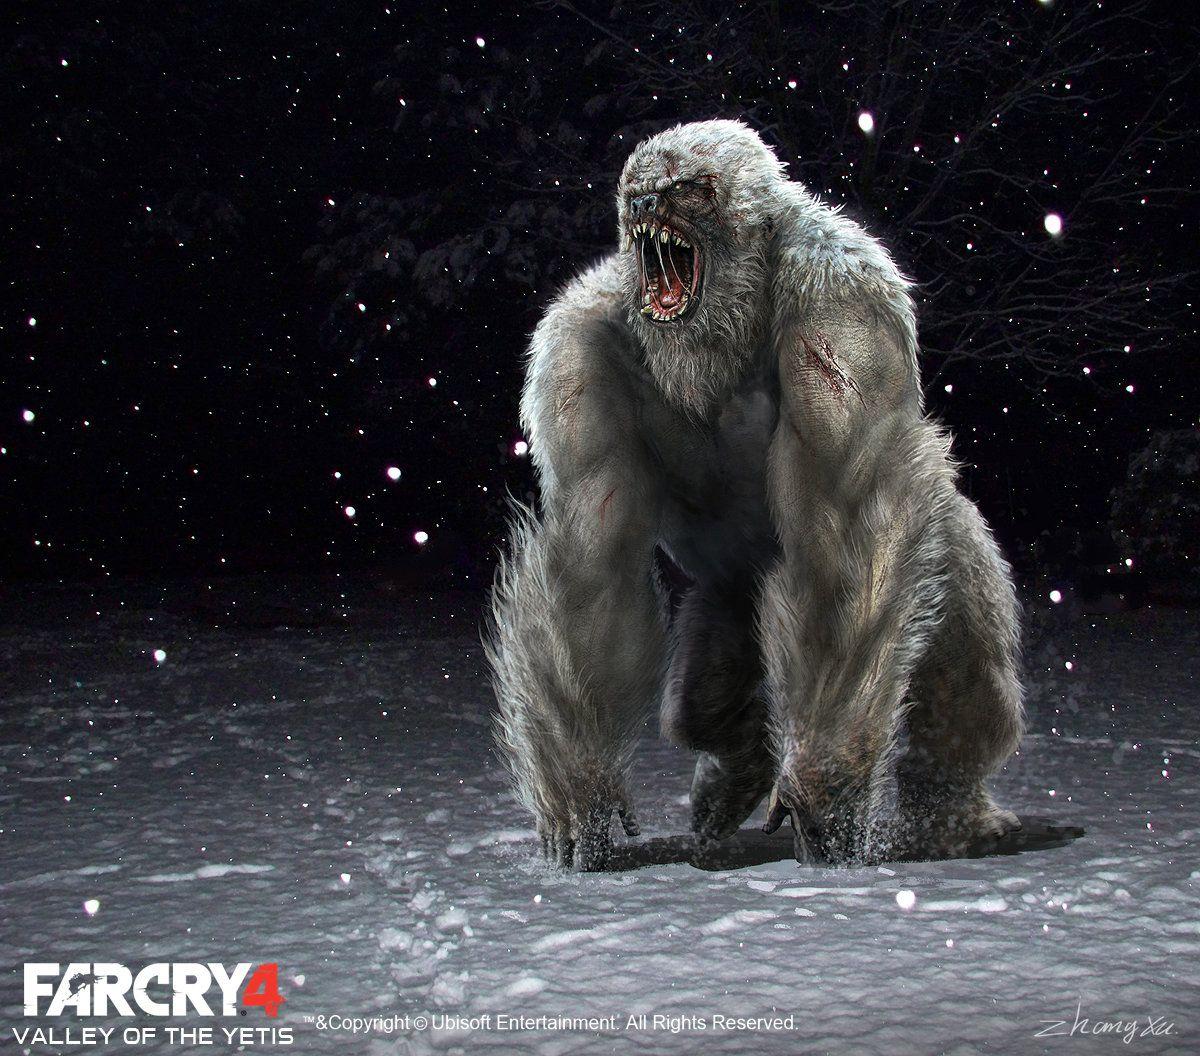 Far Cry 4 Dlc Valley Of The Yetis Concept Art Xu Zhang Fantasy